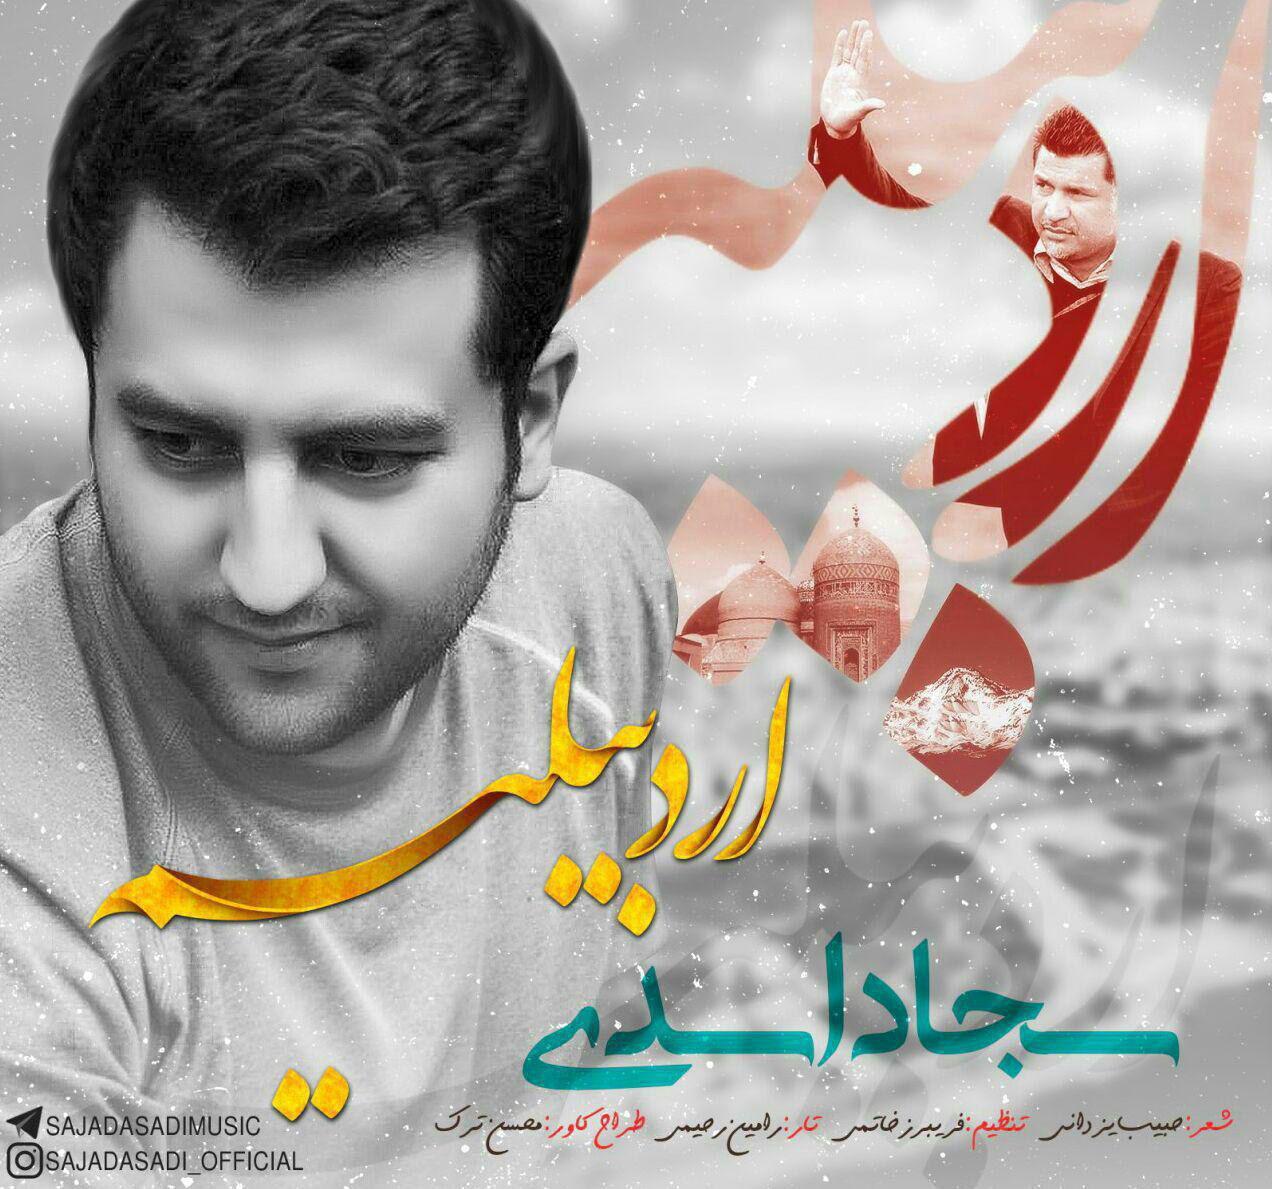 http://s9.picofile.com/file/8329252250/16Sajjad_Asadi_Ardabilim.jpg